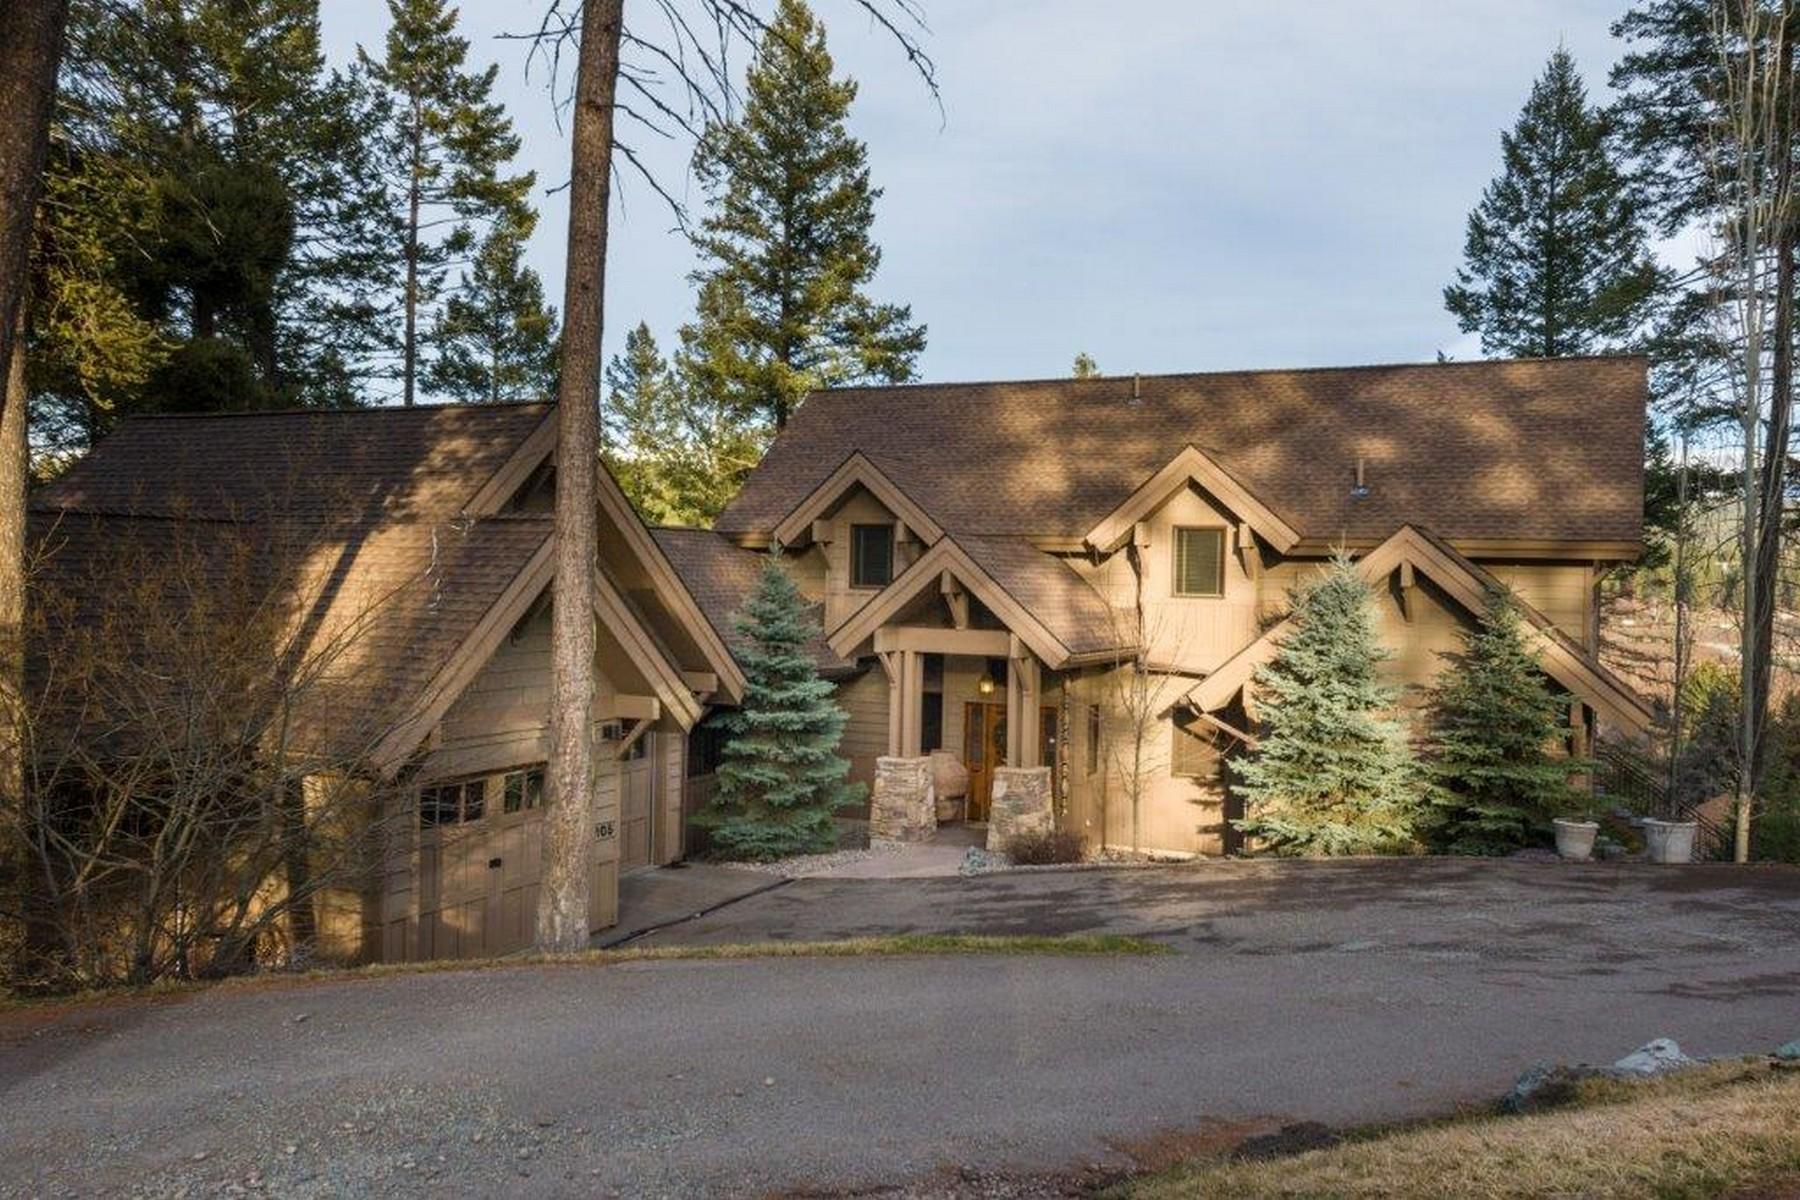 Частный односемейный дом для того Продажа на 105 Eagle Bend Drive 105 Eagle Bend Dr Bigfork, Монтана, 59911 Соединенные Штаты